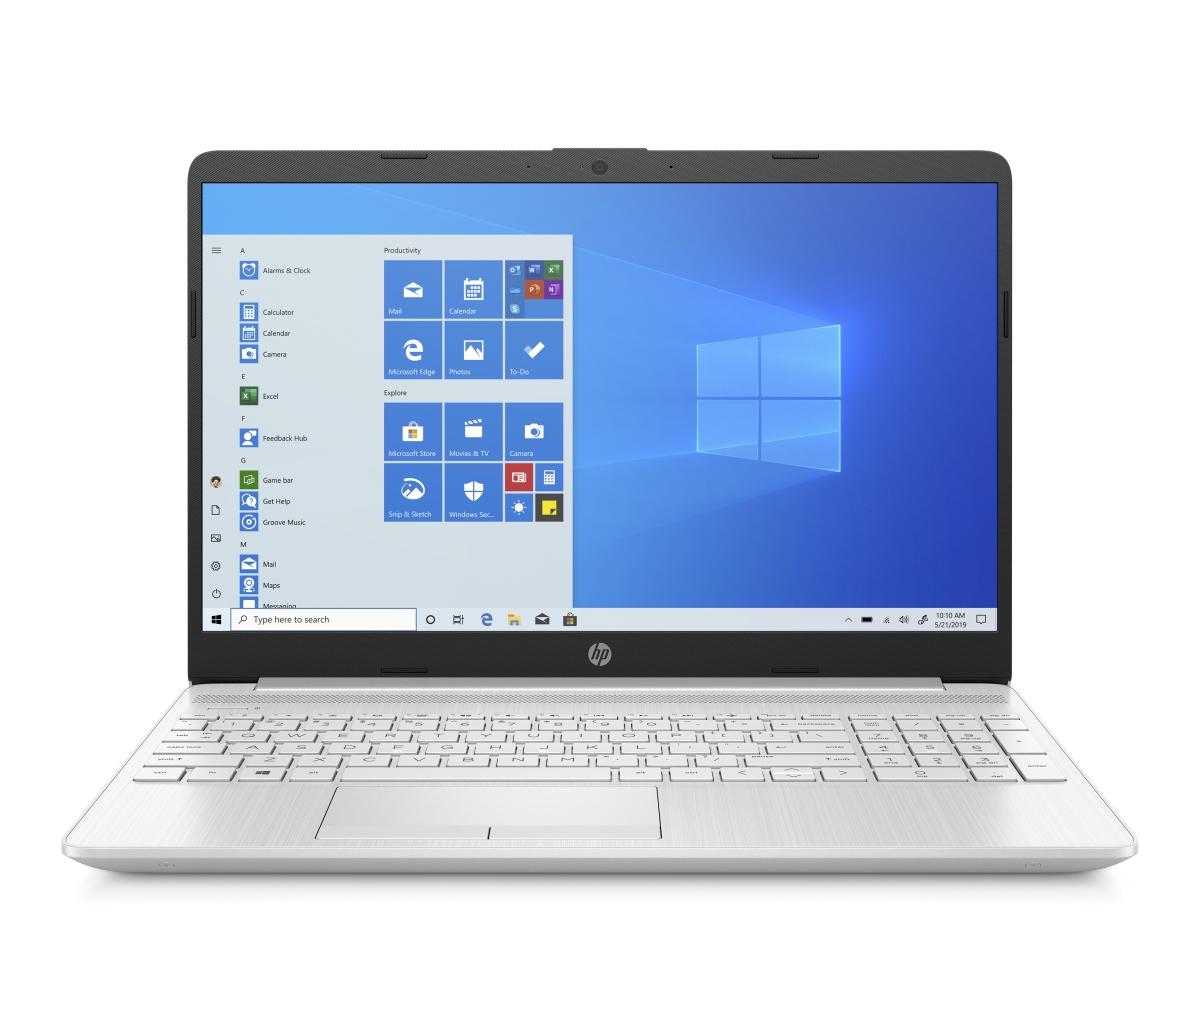 HP NTB Laptop 15-dw2005nc;15.6 FHD AG SVA;i7-1065G7;16GB DDR4 2666;1TB 5400RPM+256GB SSD;Nvidia GeForce MX330 2GB;WIN10